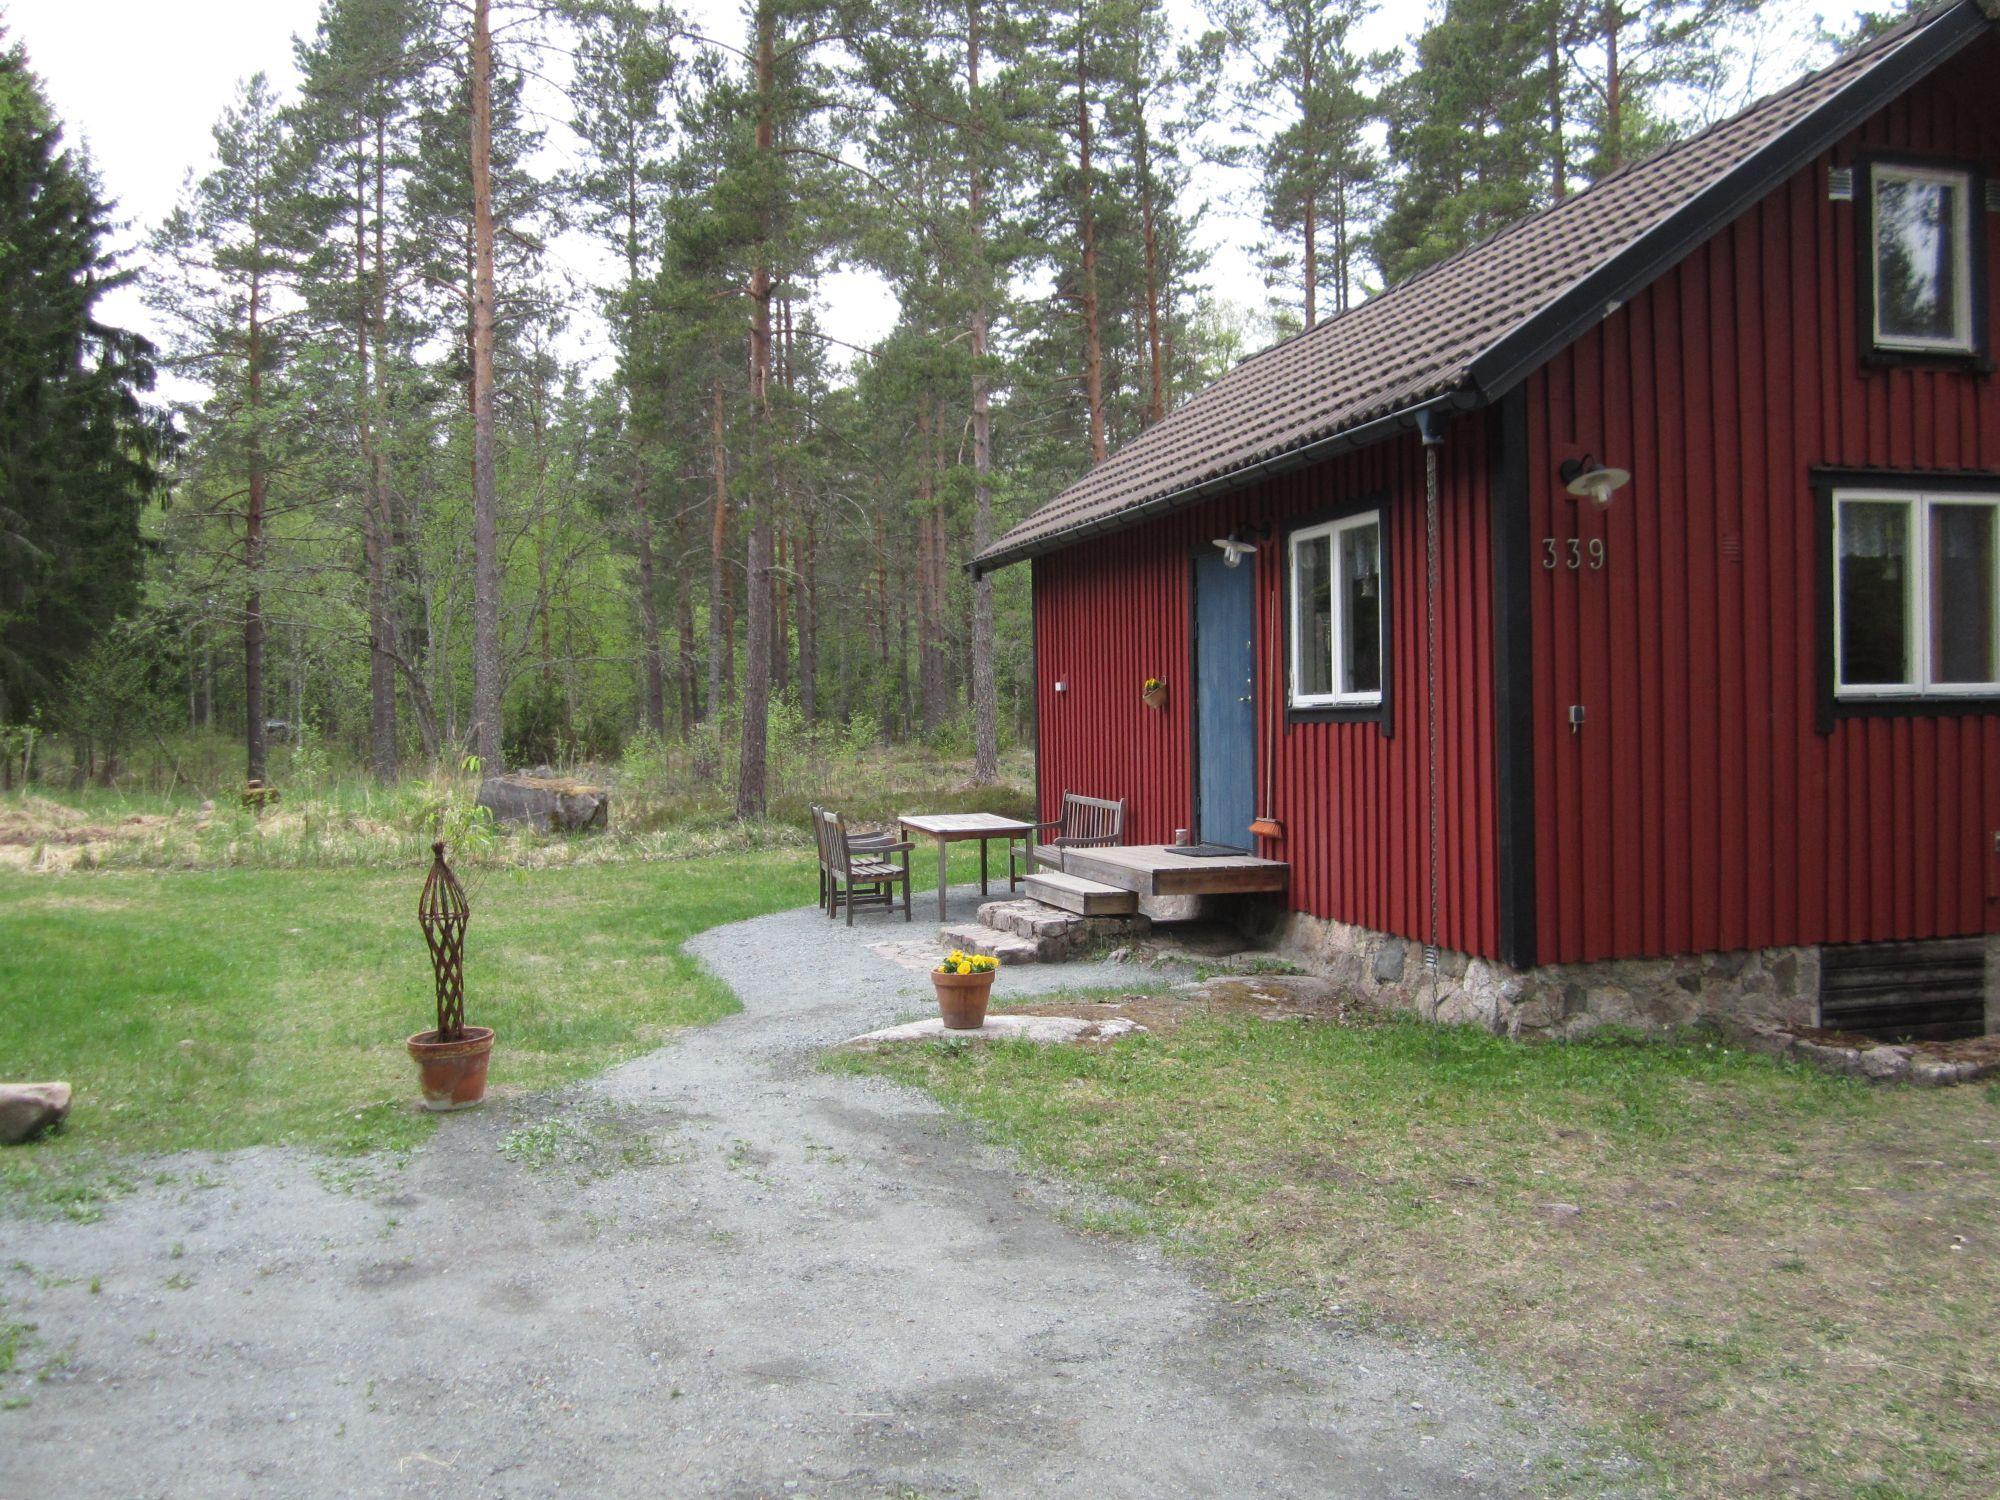 Hytte Ferieudlejninger Til Leje I österbybruk östhammar